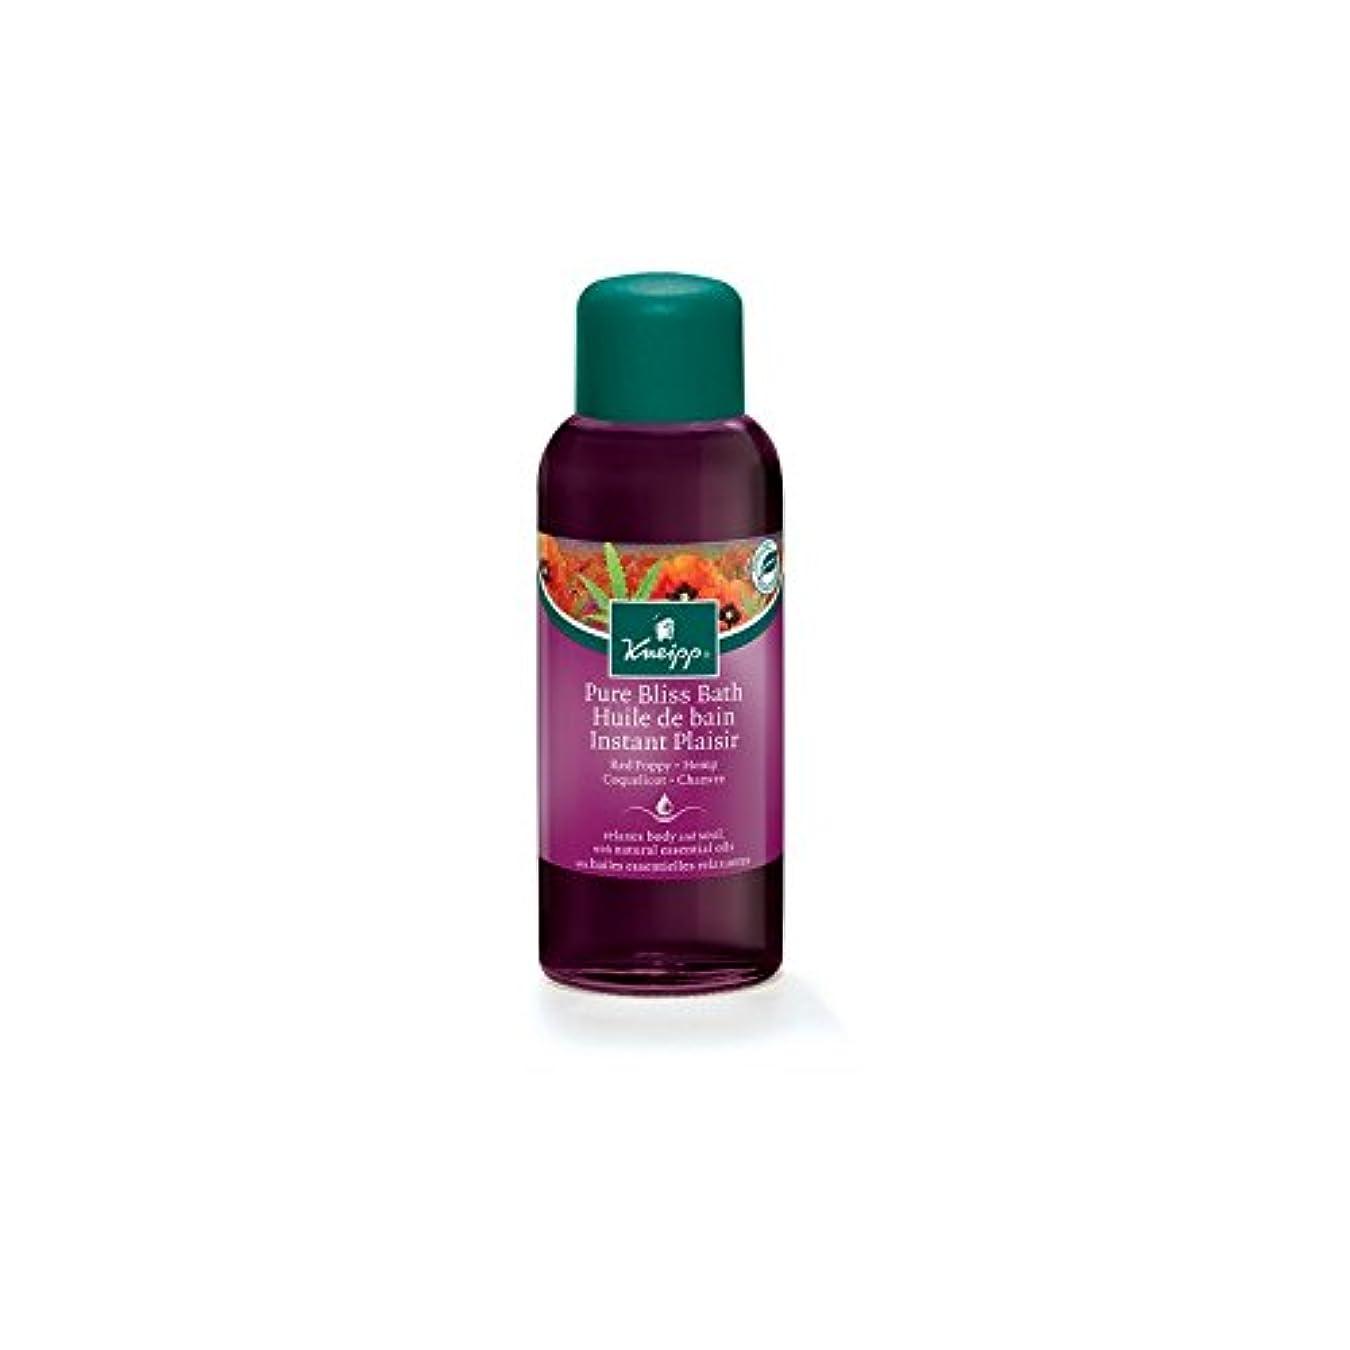 許す権限を与えるアーカイブクナイプ純粋な至福ハーブの赤いケシと麻バスオイル(100ミリリットル) x4 - Kneipp Pure Bliss Herbal Red Poppy and Hemp Bath Oil (100ml) (Pack of 4) [並行輸入品]